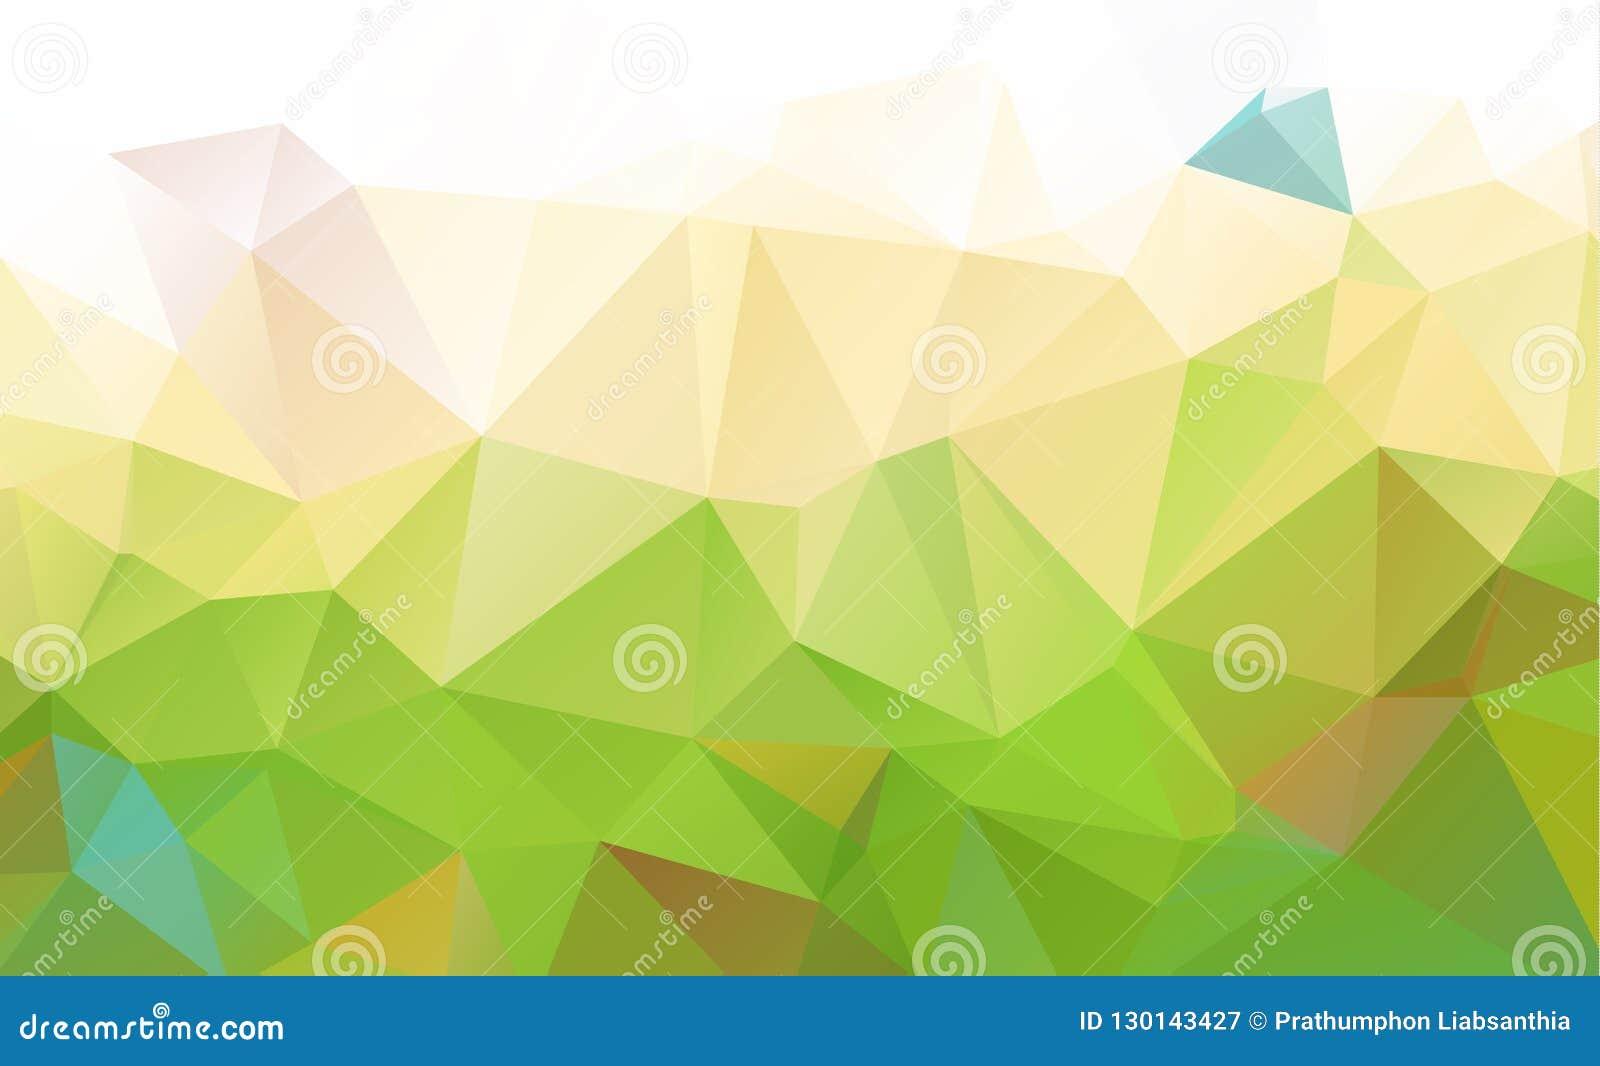 Абстрактный зеленый цвет которые состоят из треугольников предпосылка геометрическая